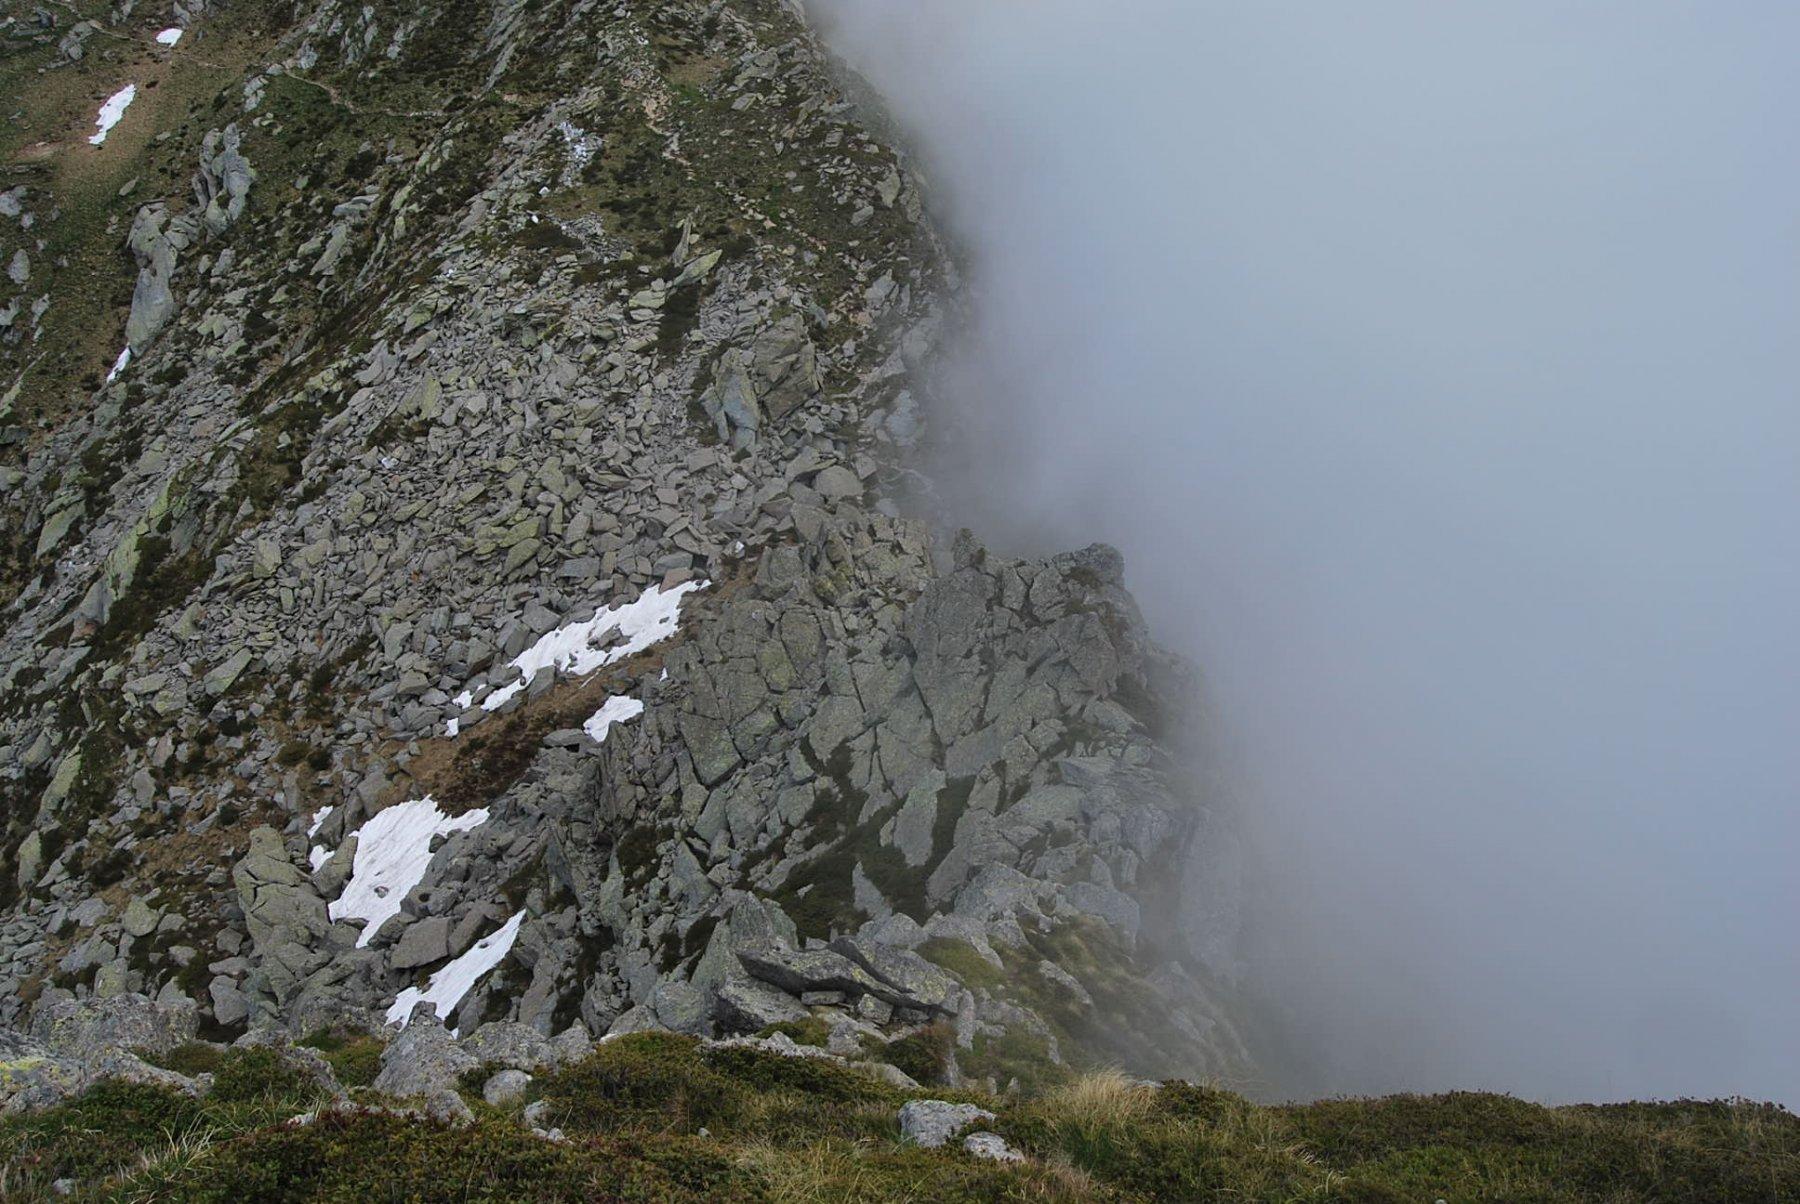 Vista sulla Bocchetta di Quarn superato il primo, ostico tratto. La nebbia sta avvolgendo la cresta, specie sul versante del Vallone di Viona